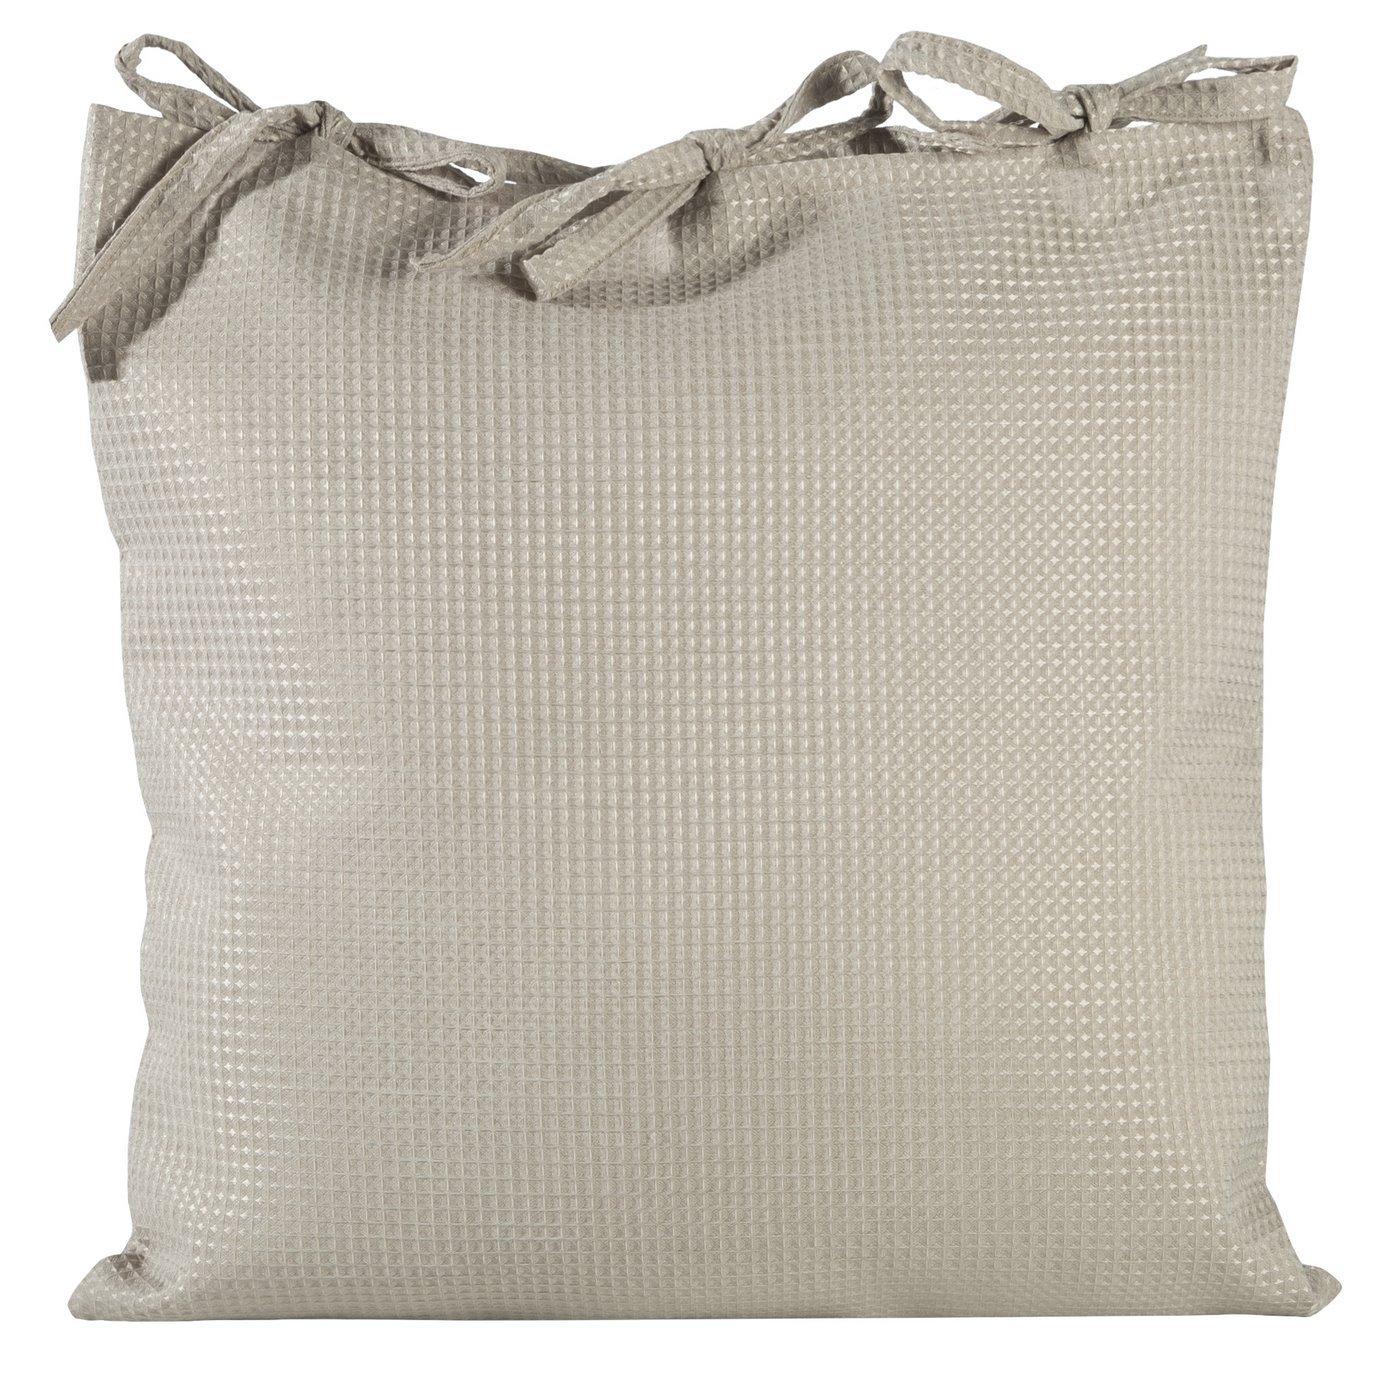 Poszewka na poduszkę 45 x 45 cm beżowa z paskami